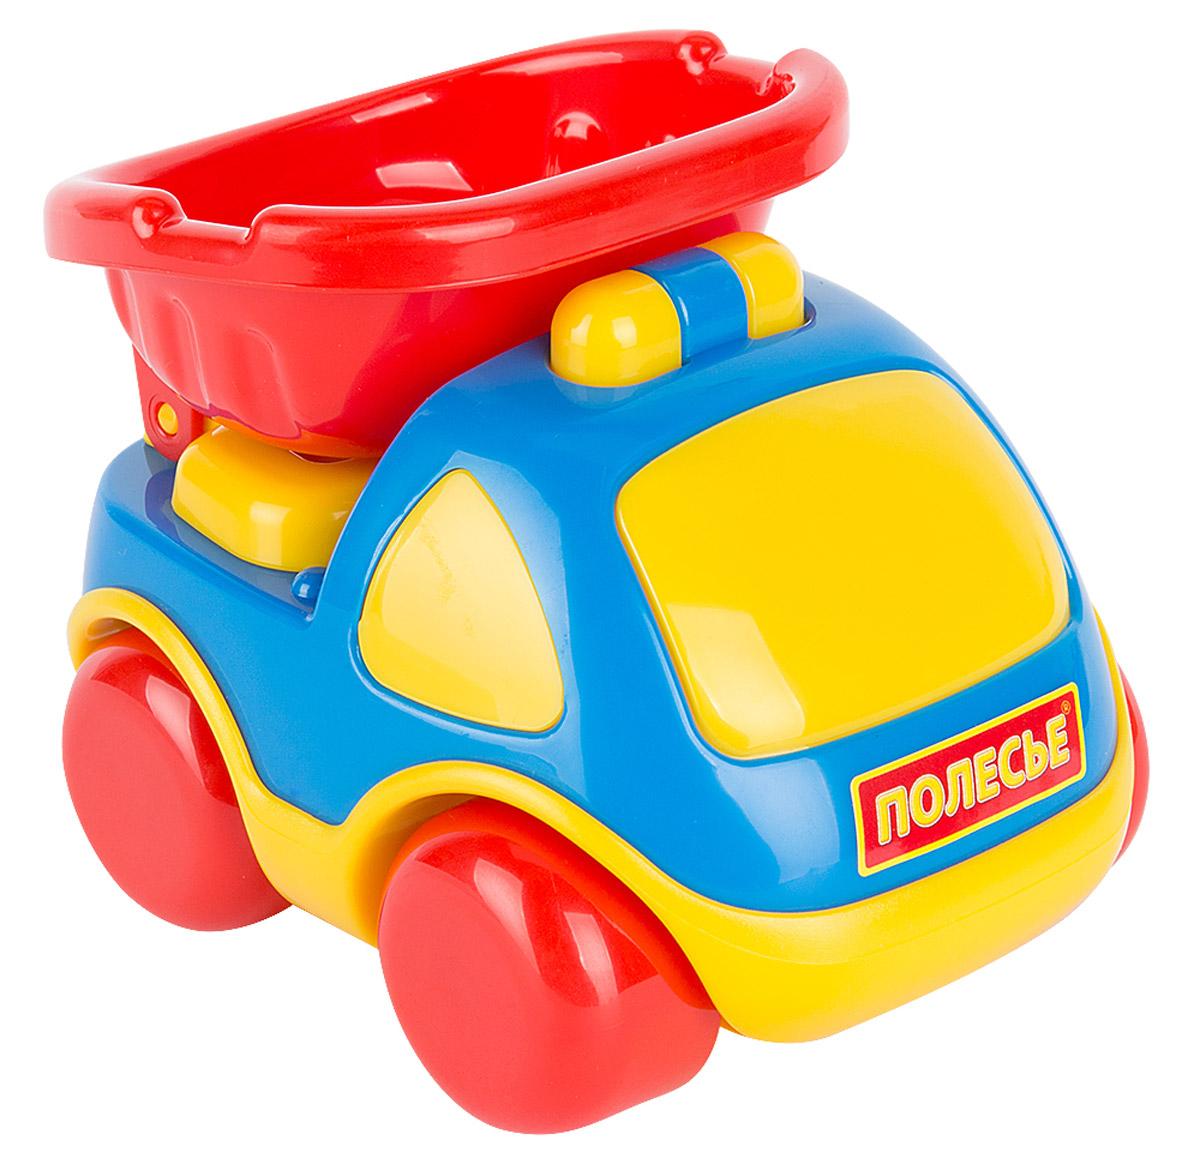 Полесье Самосвал Карат машинка детская полесье полесье автомобиль самосвал супергигант